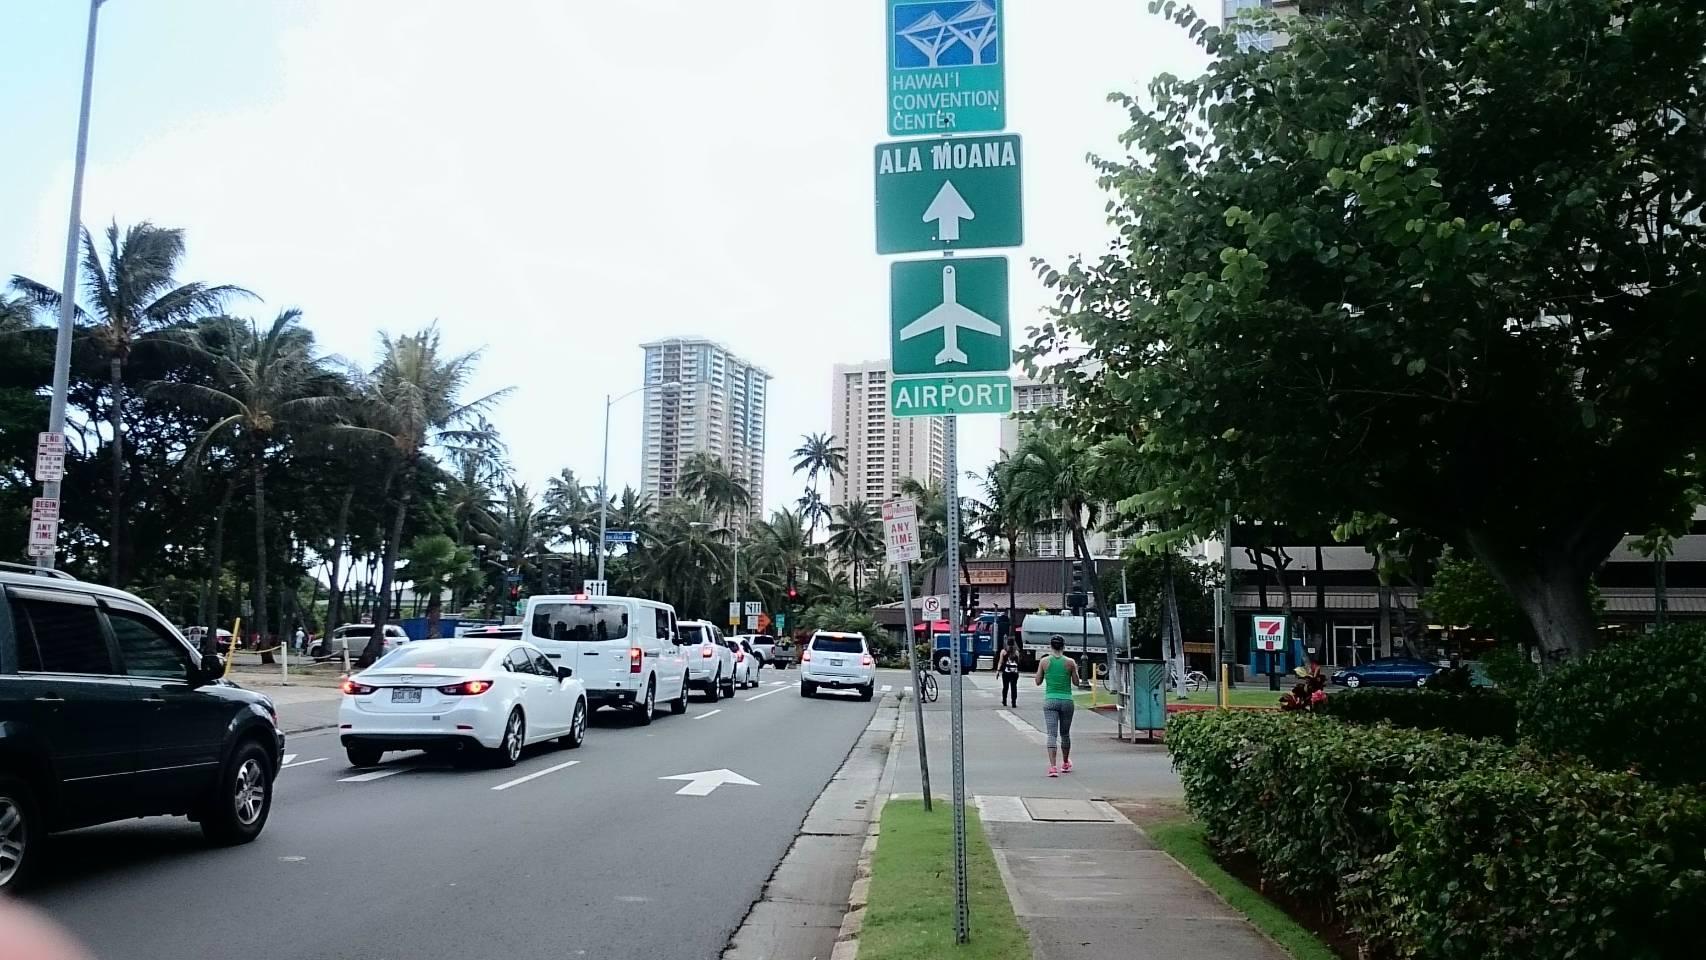 ハワイのレンタカーは『ホノルルオートレンタル』がオススメ☆駐車場も安くレンタル|子連れハワイブログ